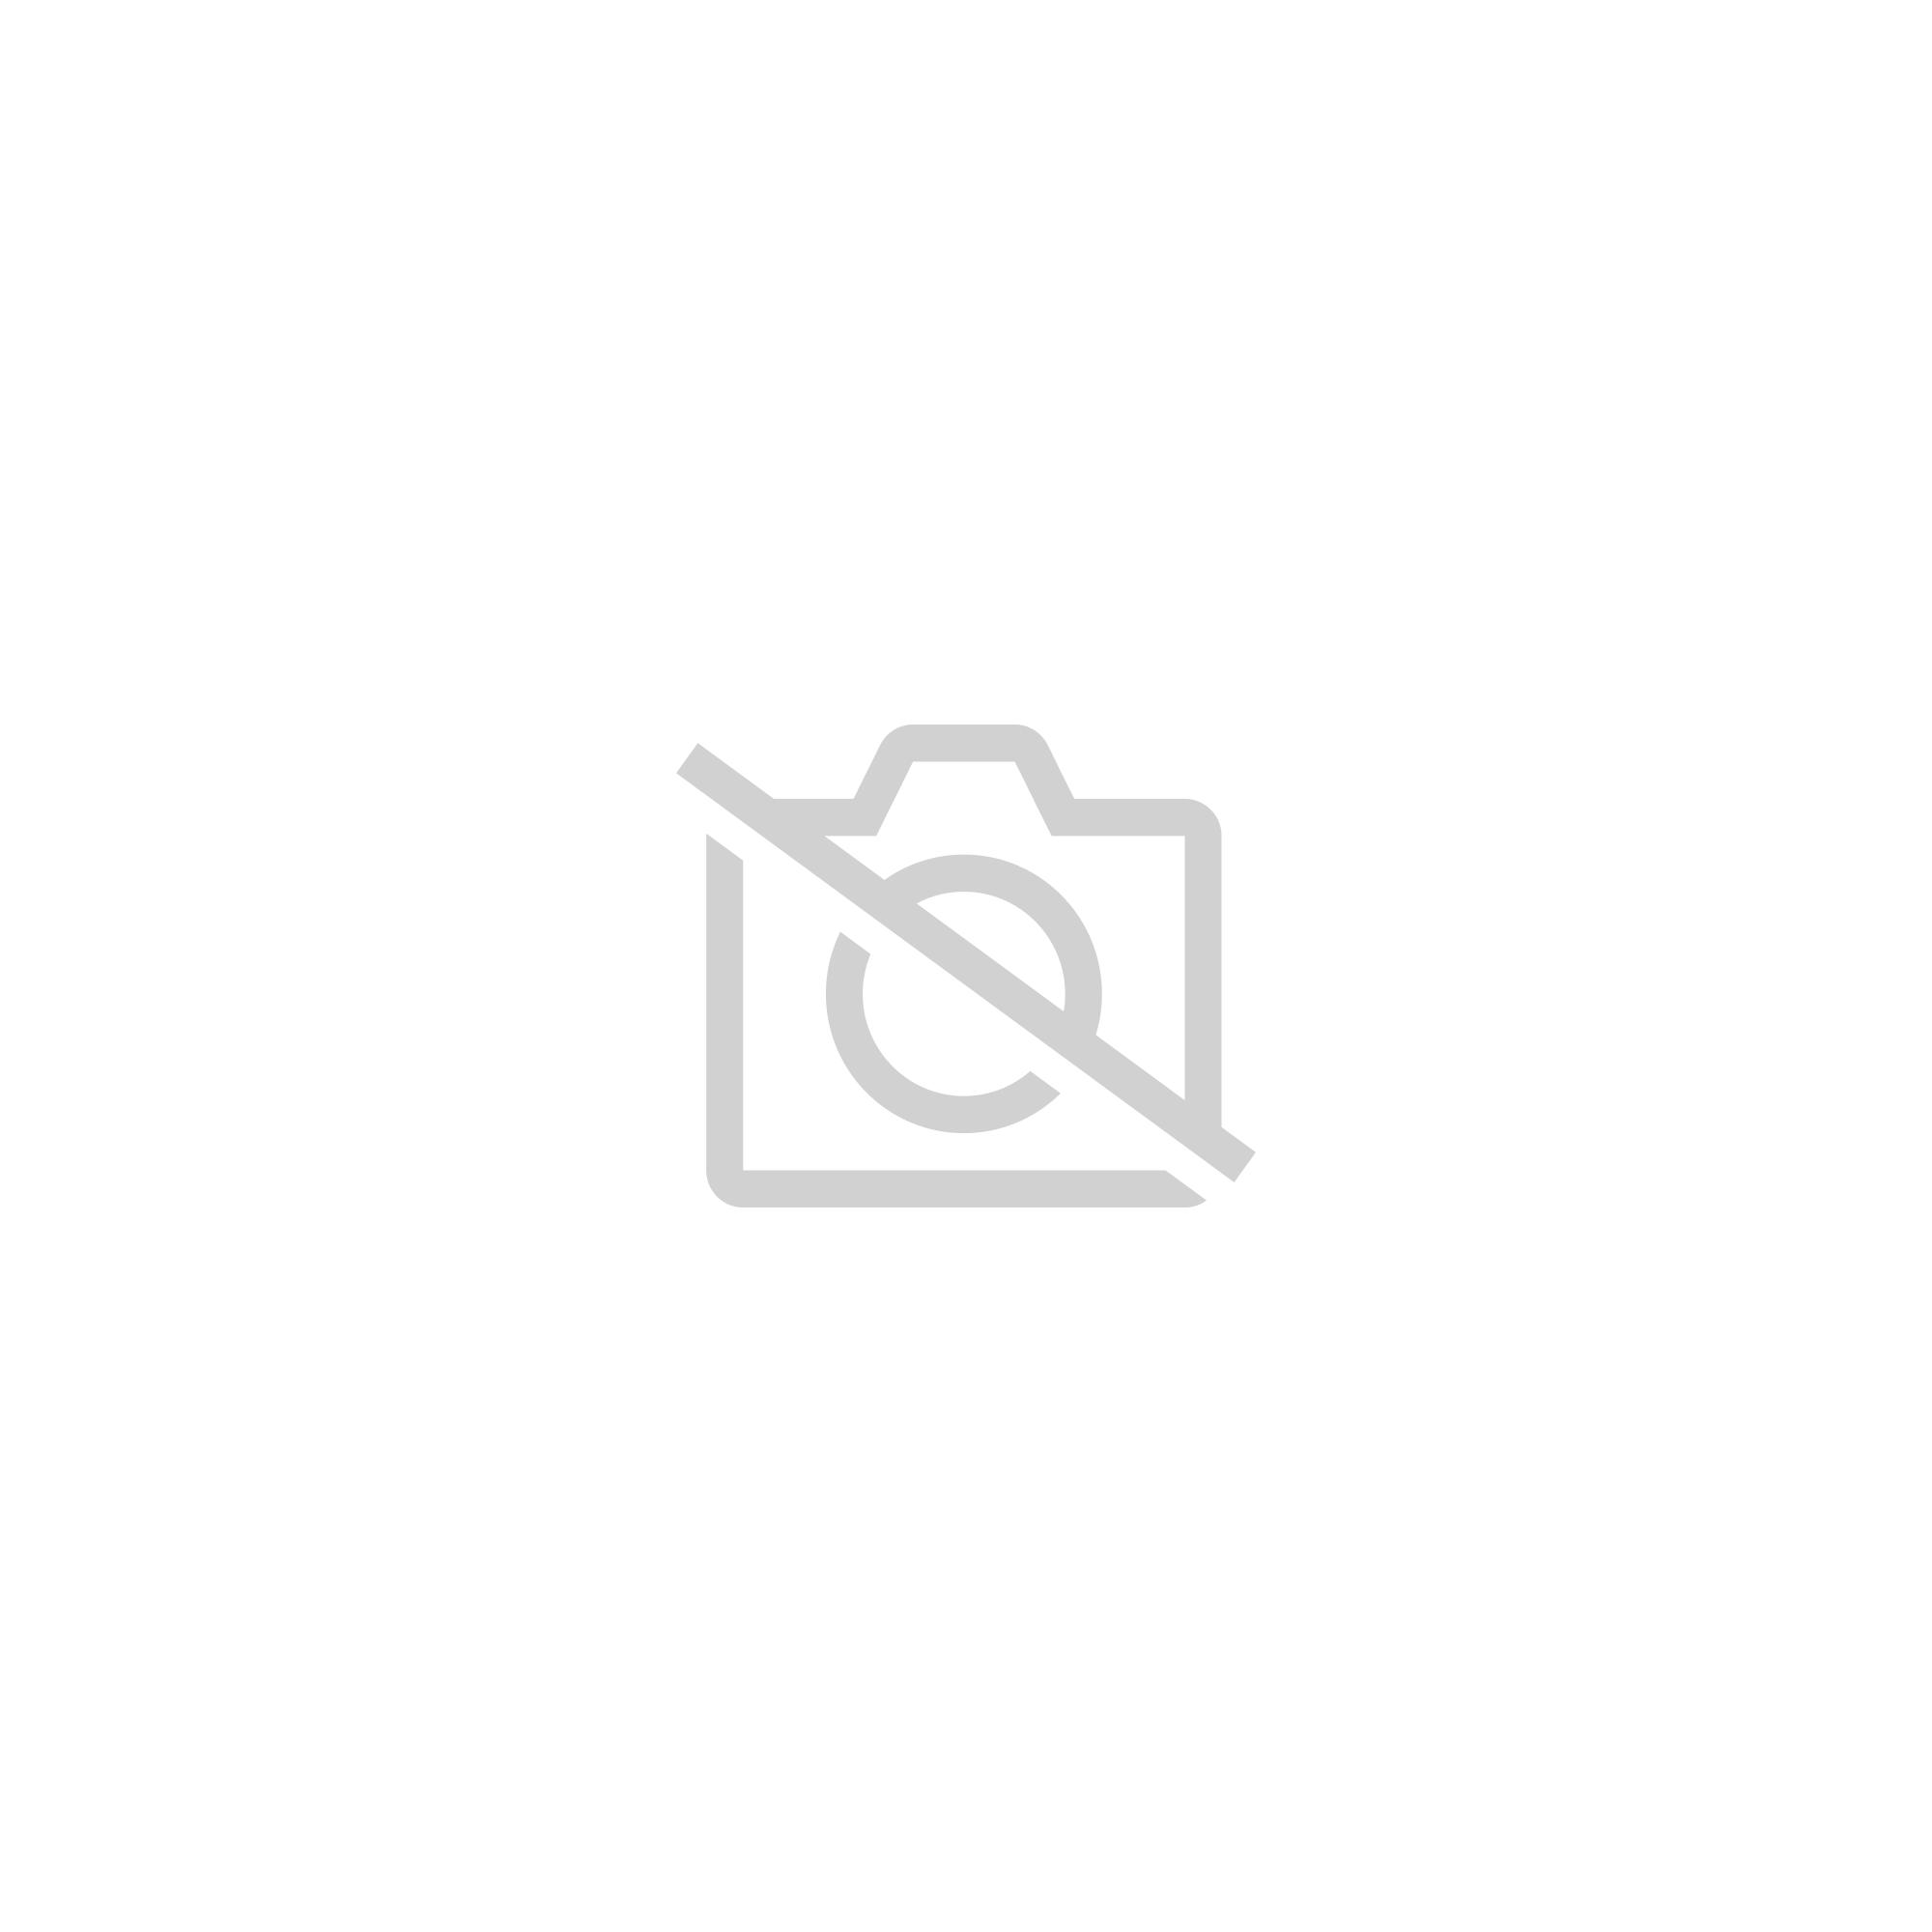 0.66 Pouce Oled Écran Tactile Étanche Fitness Tracker Bracelets Avec Nfc Smart Bracelet Poignet Bande Avec Moniteur De Fréquence Cardiaque